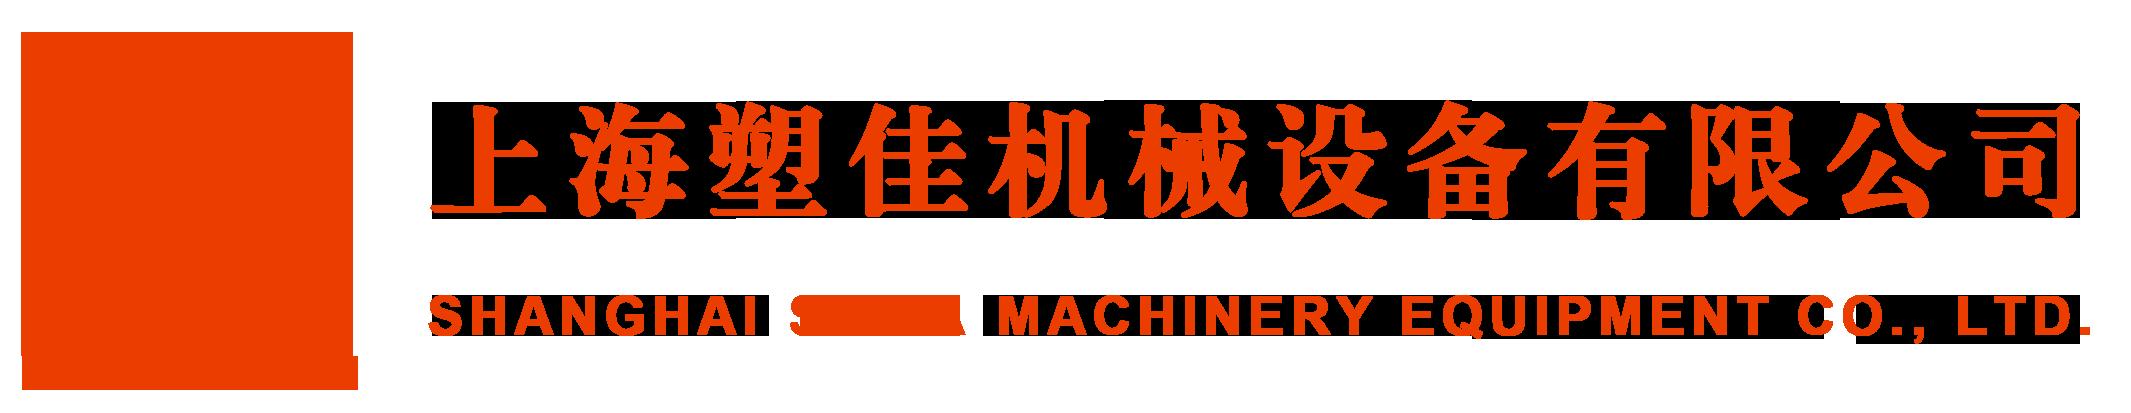 上海塑佳机械设备有限公司